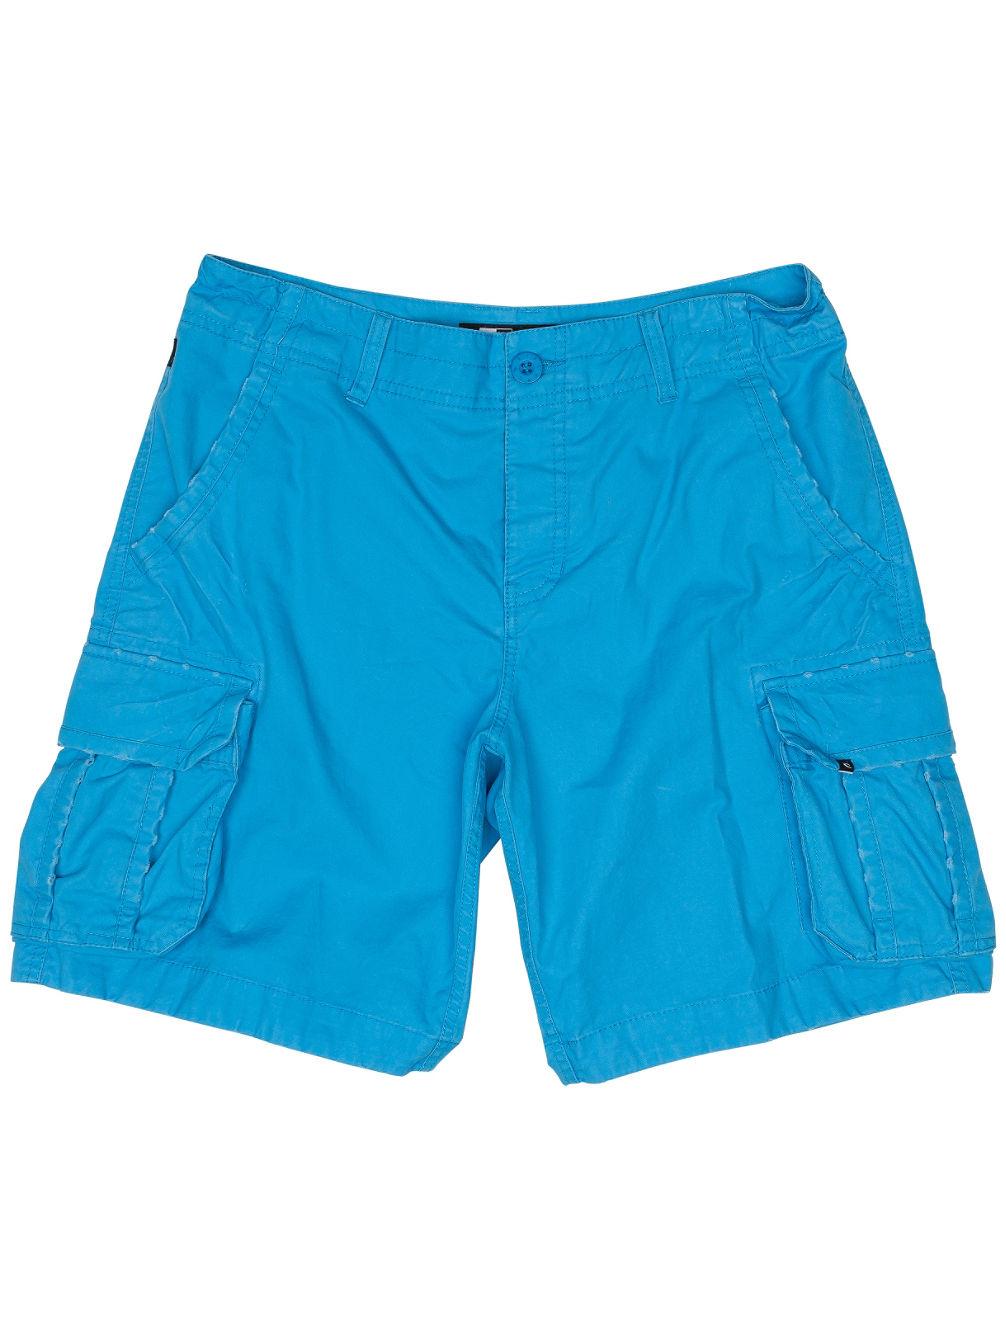 baron-cargo-19-shorts